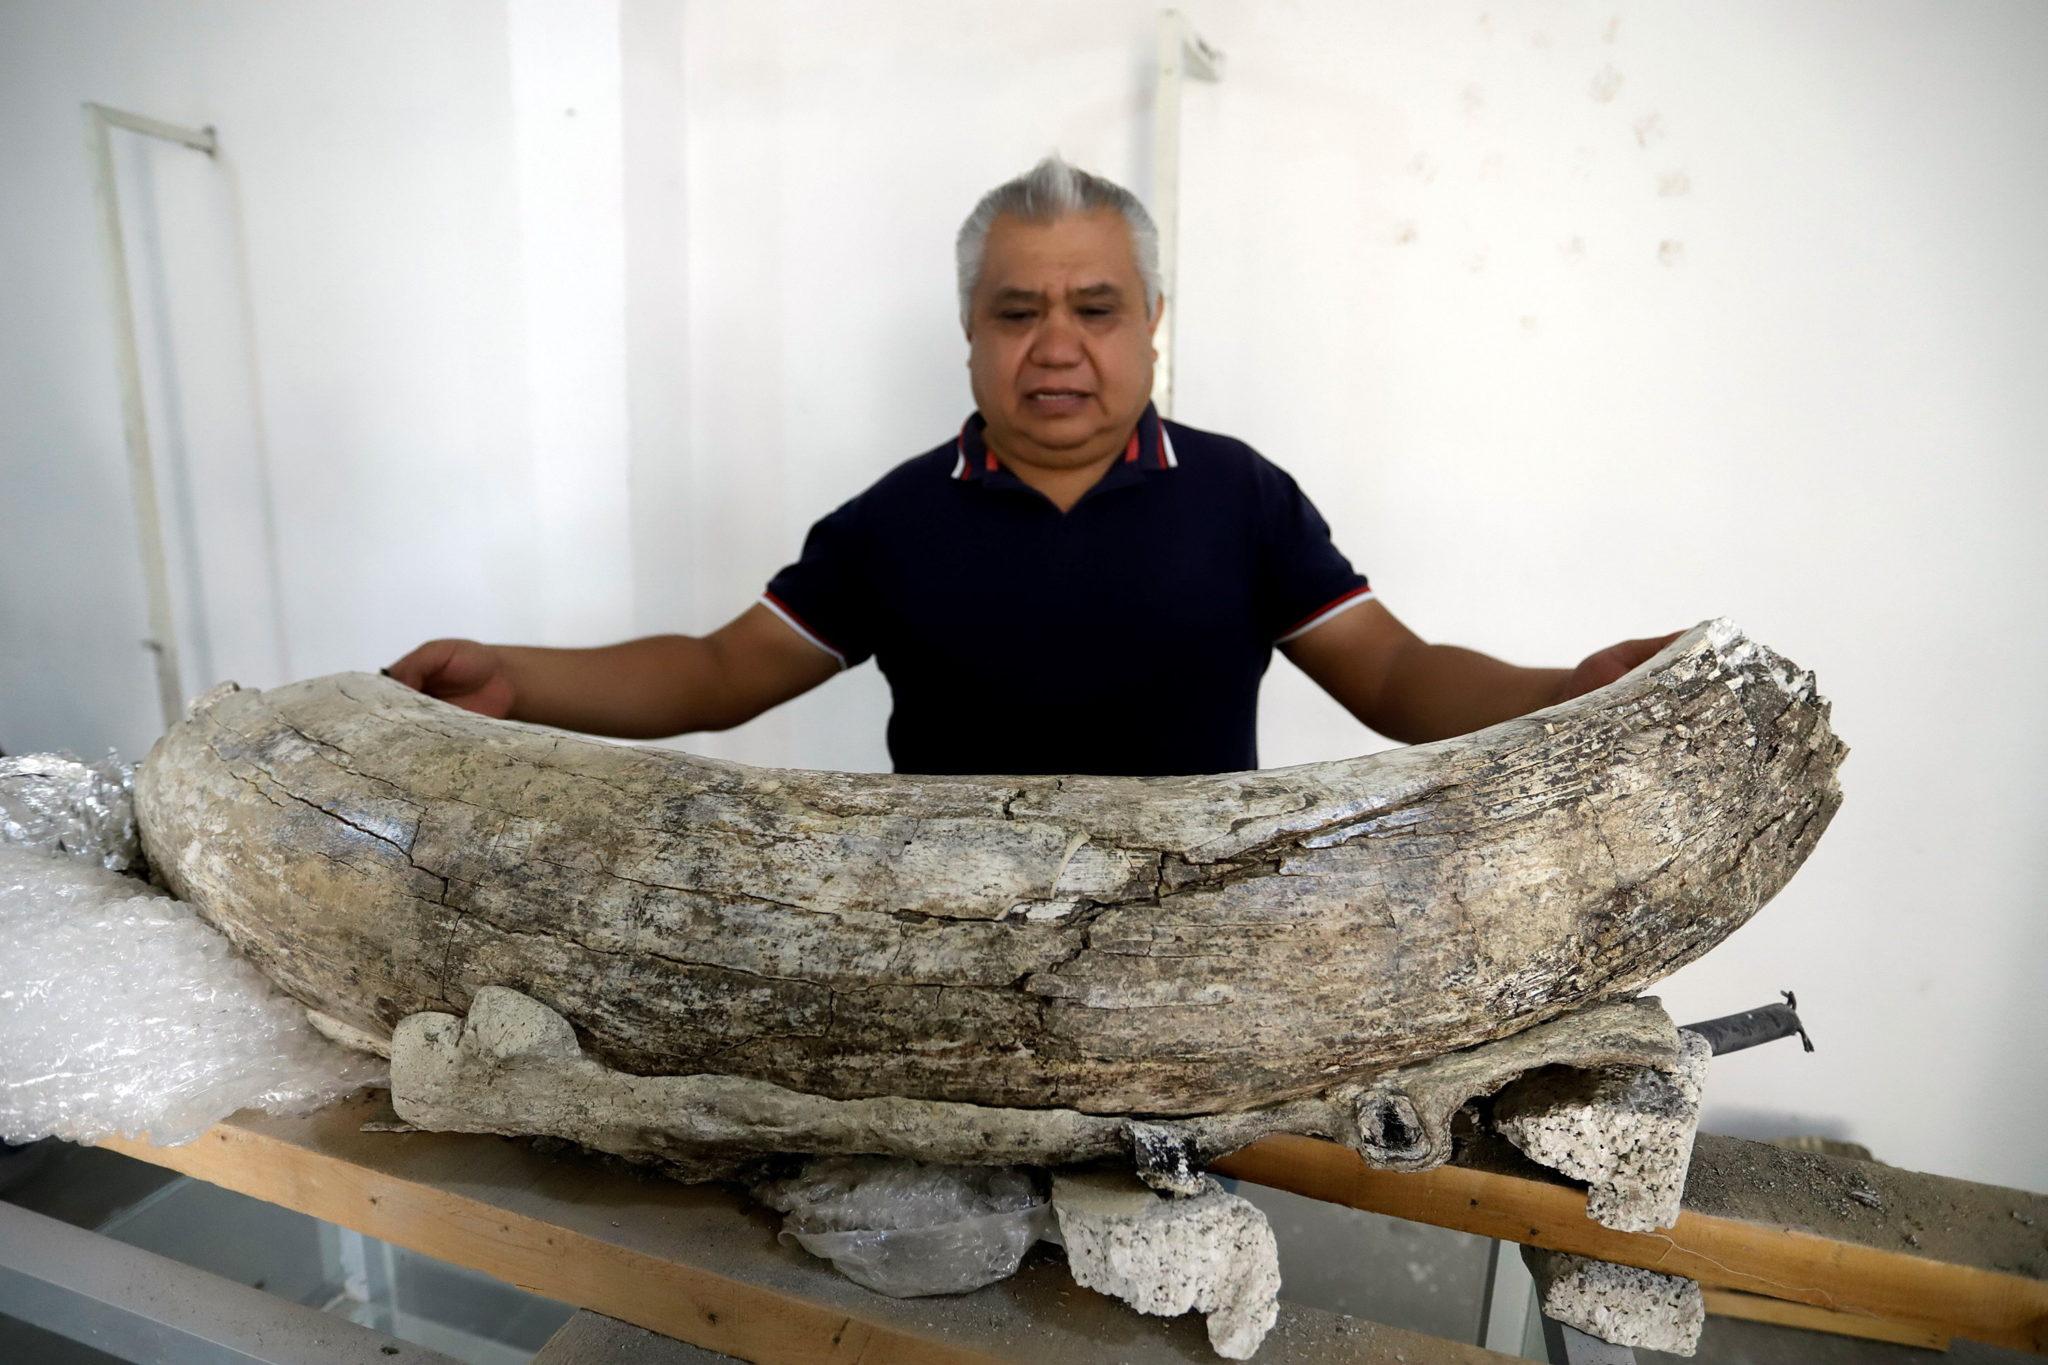 Szczątki mamuta znalezionego w mieście San Francisco Totimehuacan w stanie Puebla w Meksyku, fot. Hilda Rios, PAP/EPA